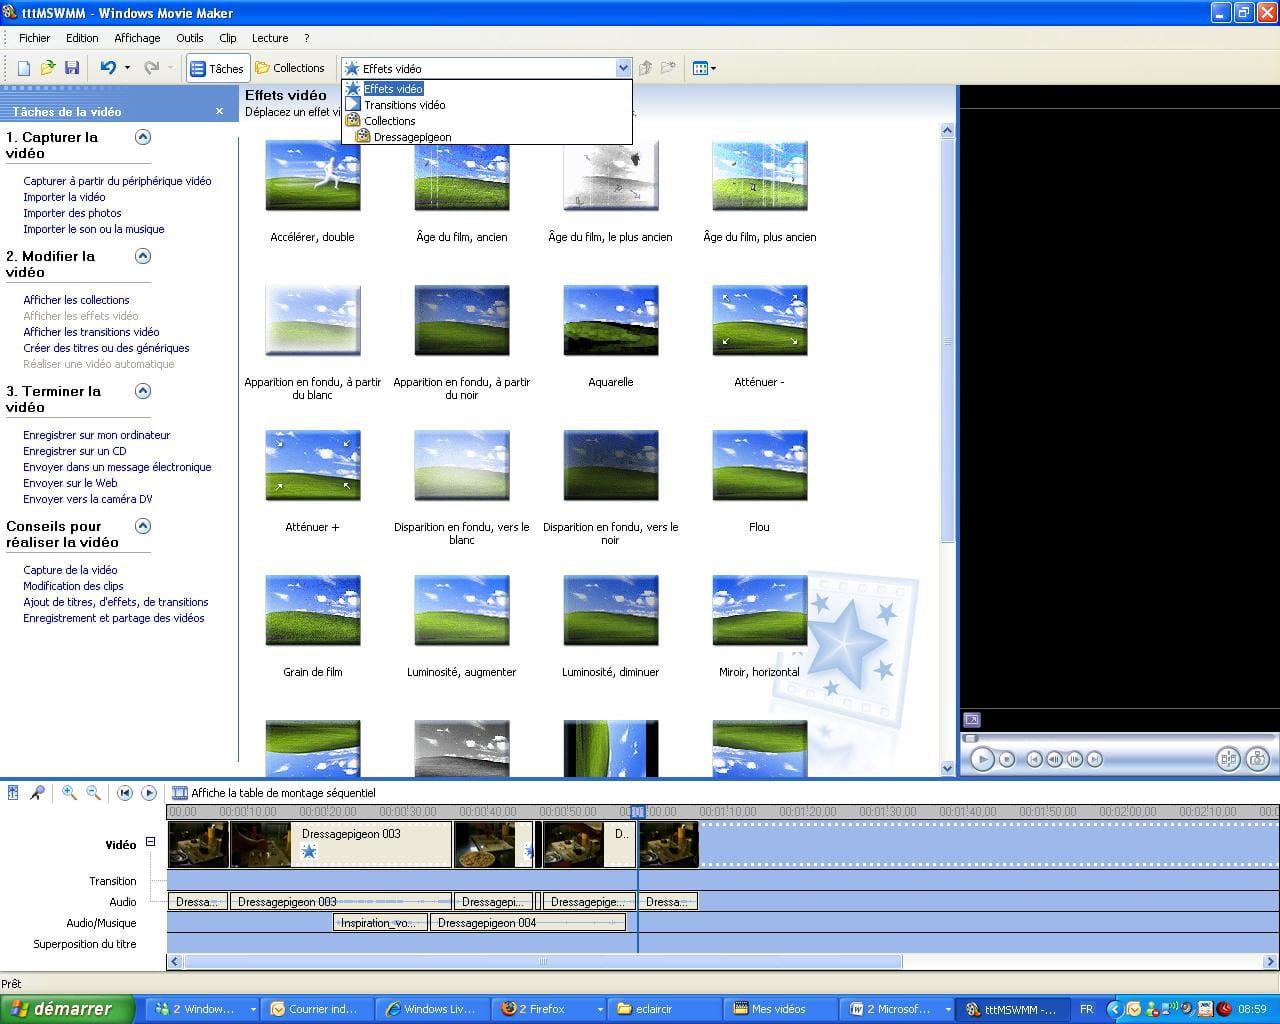 L'application peut découper des fichiers vidéo directement dans la fenêtre de votre navigateur. Les fichiers ayant une taille jusqu'à 500 Mb sont supportés, et nous allons prochainement augmenter cette limite.